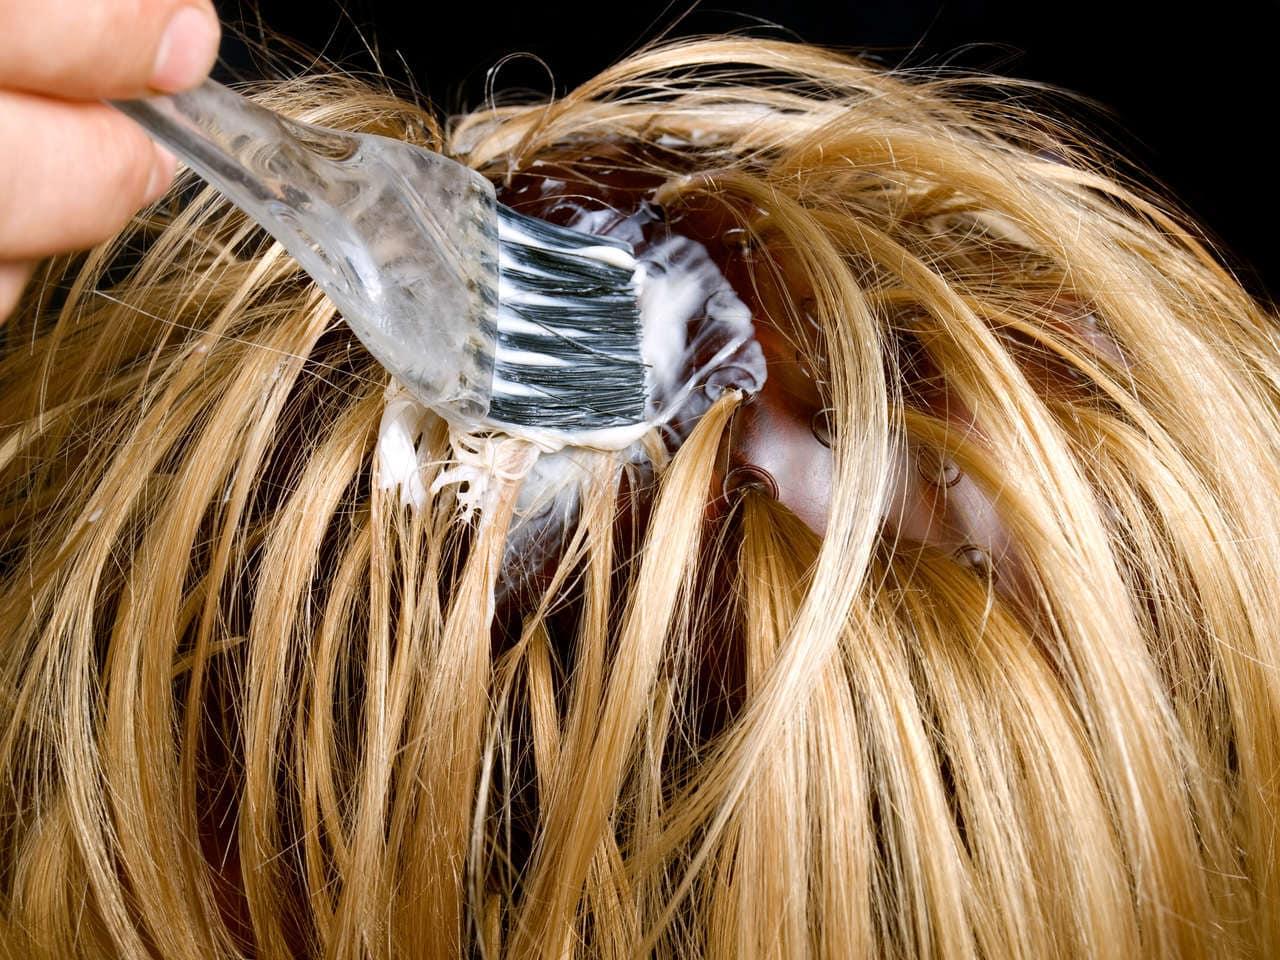 cabelo sendo pintado com pincel